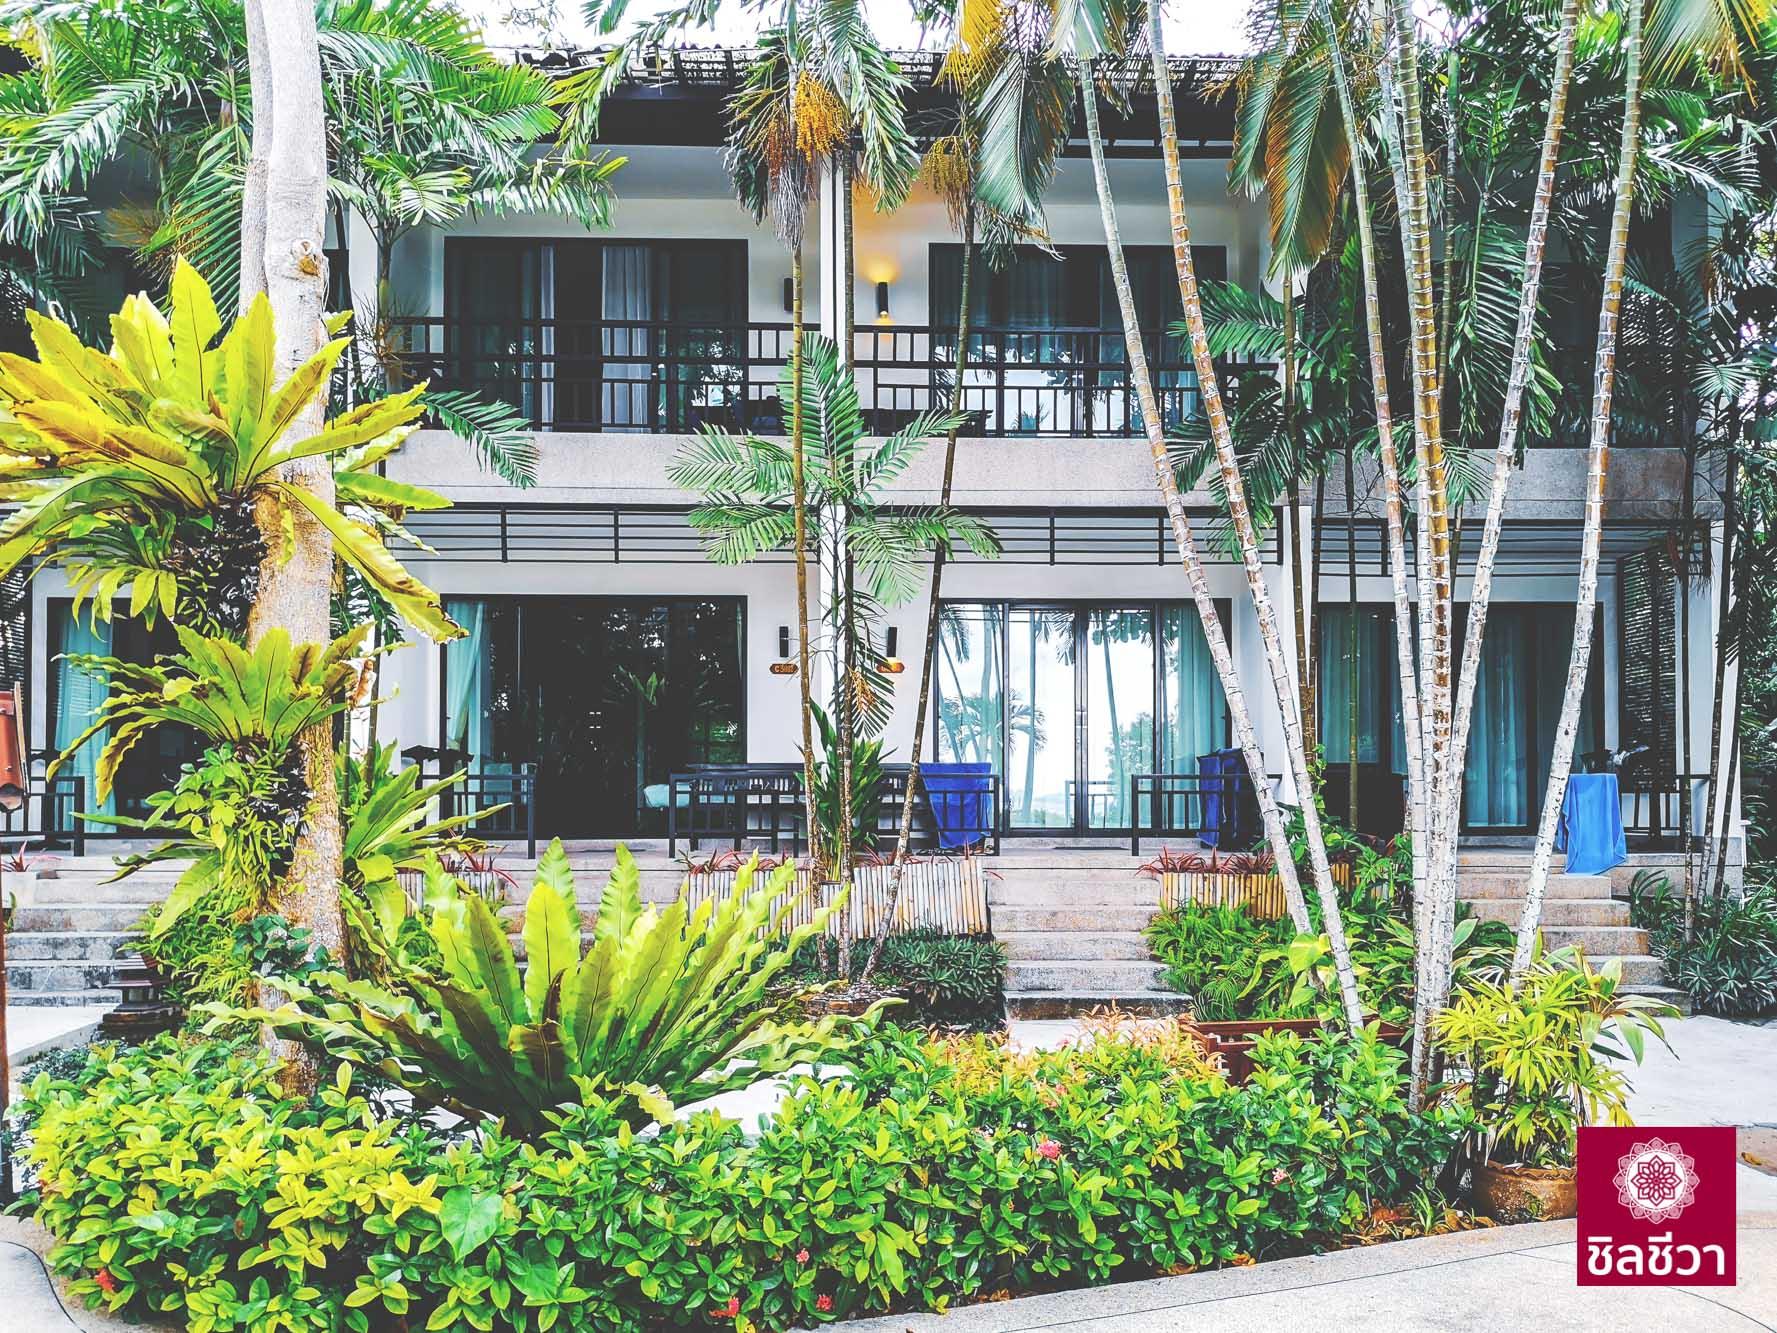 ซันไรท์ ทรอปิคอล รีสอร์ท (Sunrise Tropical Resort) ไร่เลย์ กระบี่  ซันไรท์ ทรอปิคอล รีสอร์ท รีสอร์ทงามๆ บนเกาะไร่เลย์ กระบี่ IMG 20181010 164757